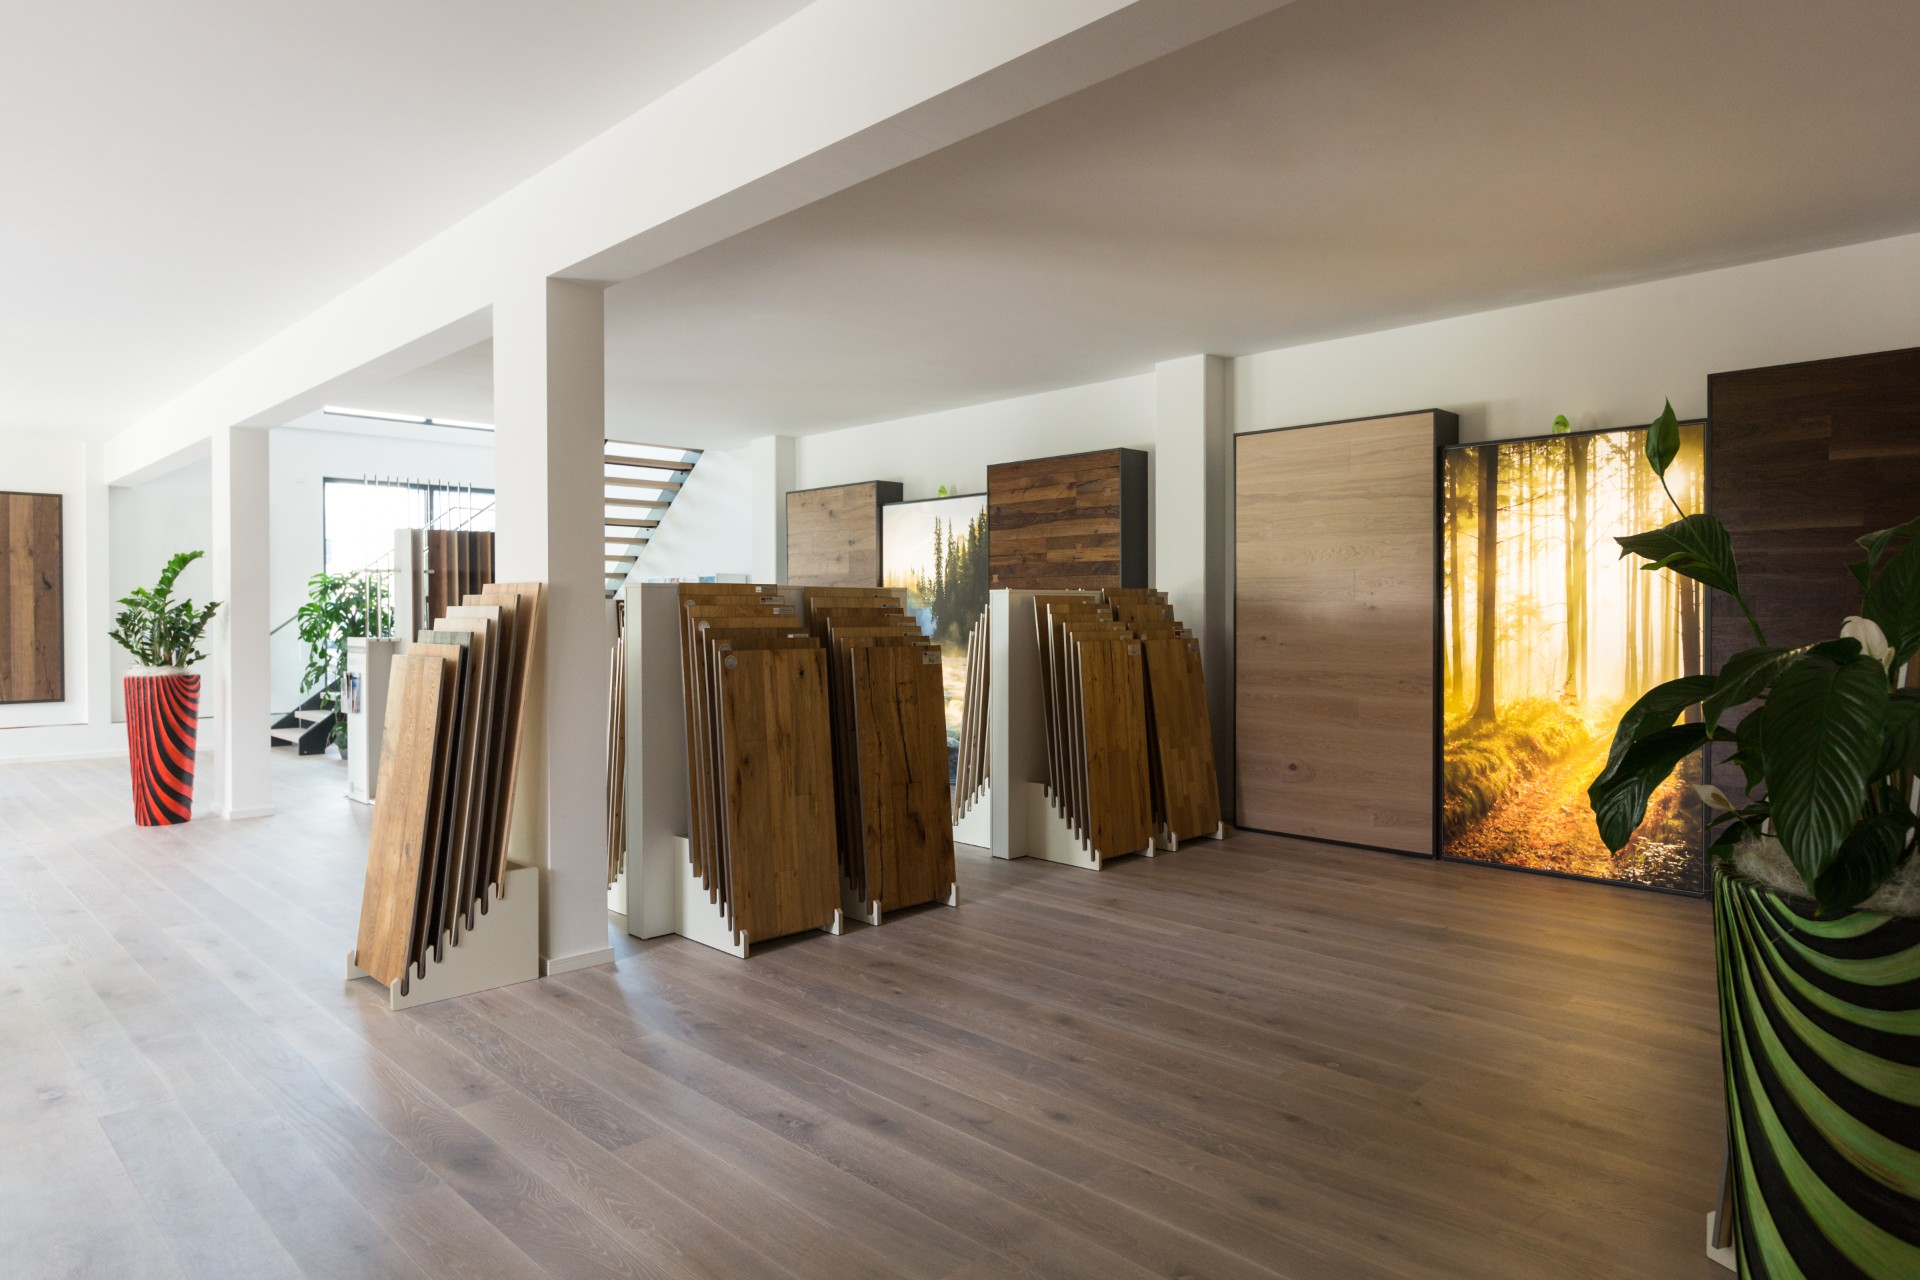 Linoleum Fußboden Kaufen ~ Linoleum bodenbelag kaufen ludwigsburg linoleum ist seit